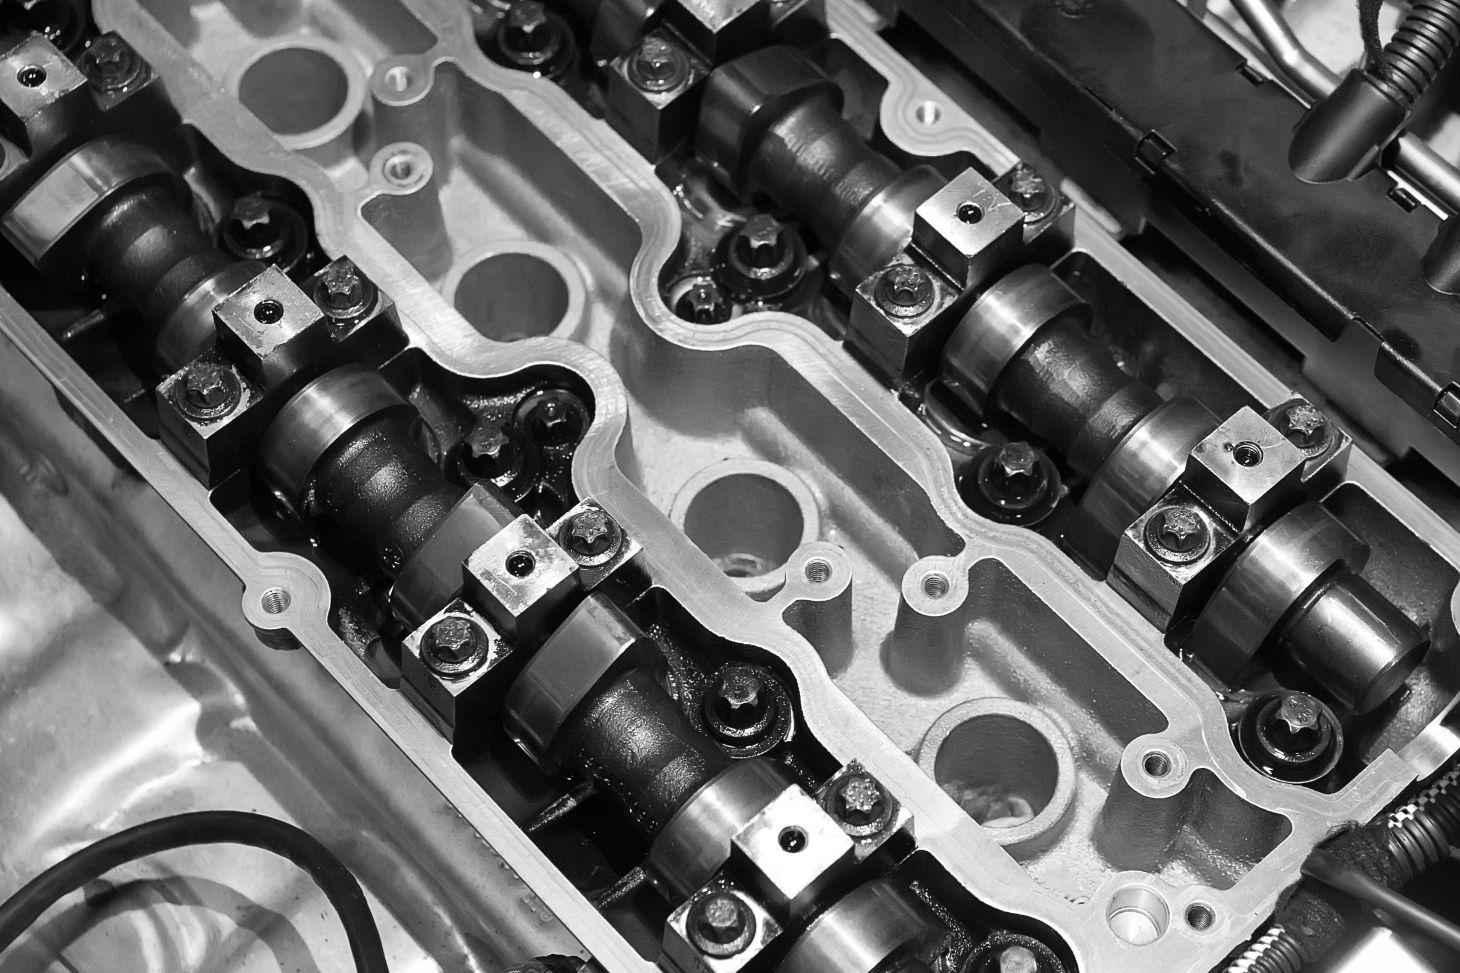 motor carro aberto tampa valvulas limpo